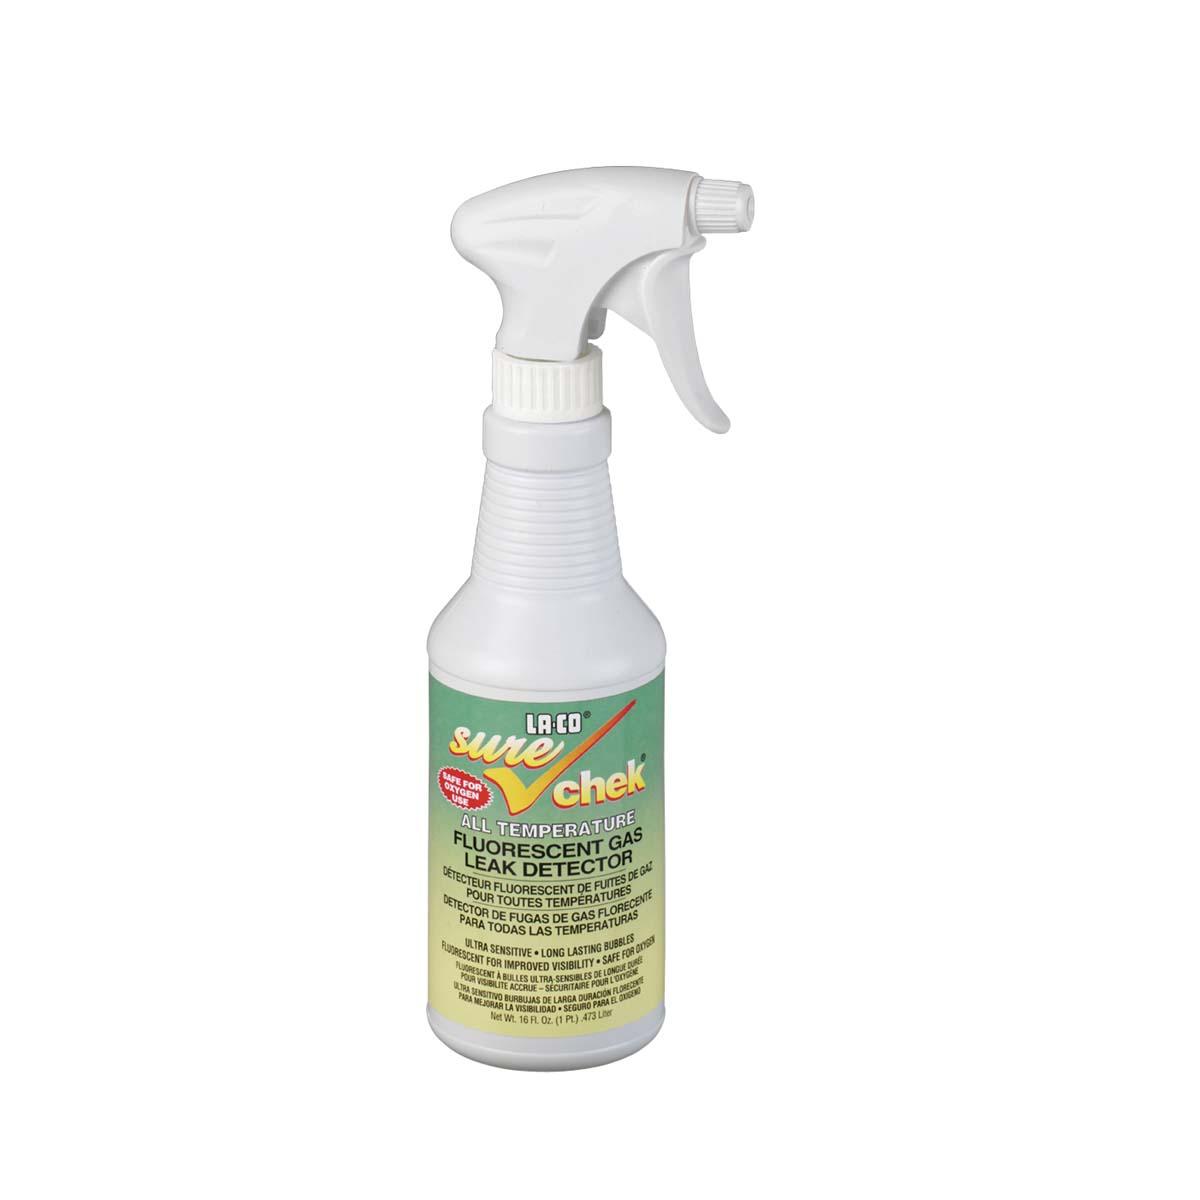 sure-chek All-temperature Leak Detector - Pint Liquid